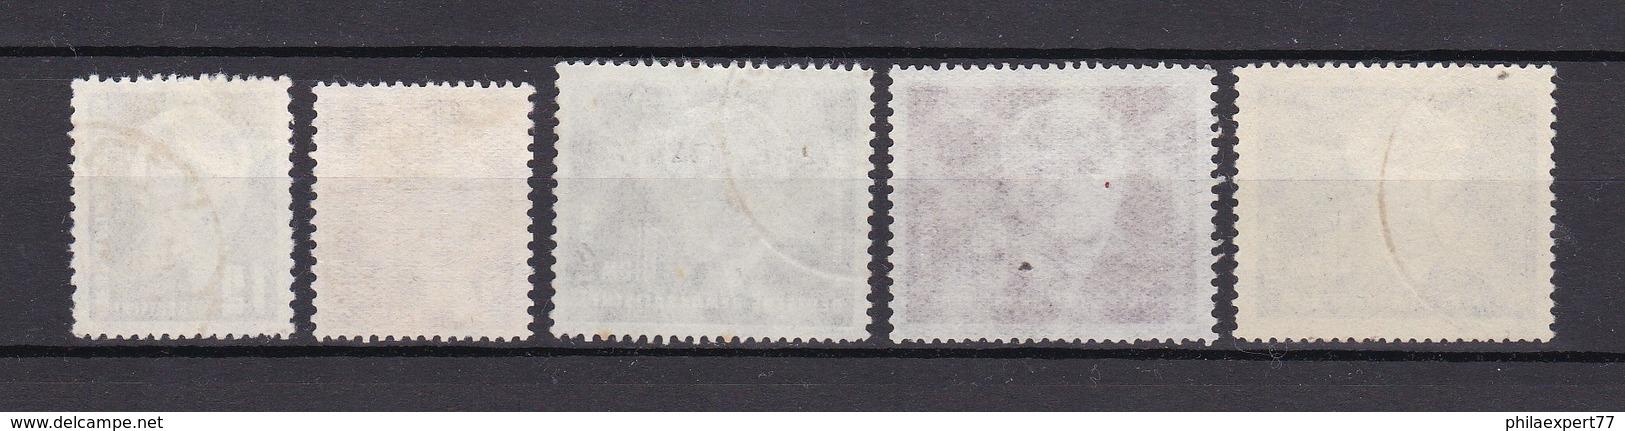 DDR - 1950/52 - Michel Nr. 251/255 - 70 Euro - DDR